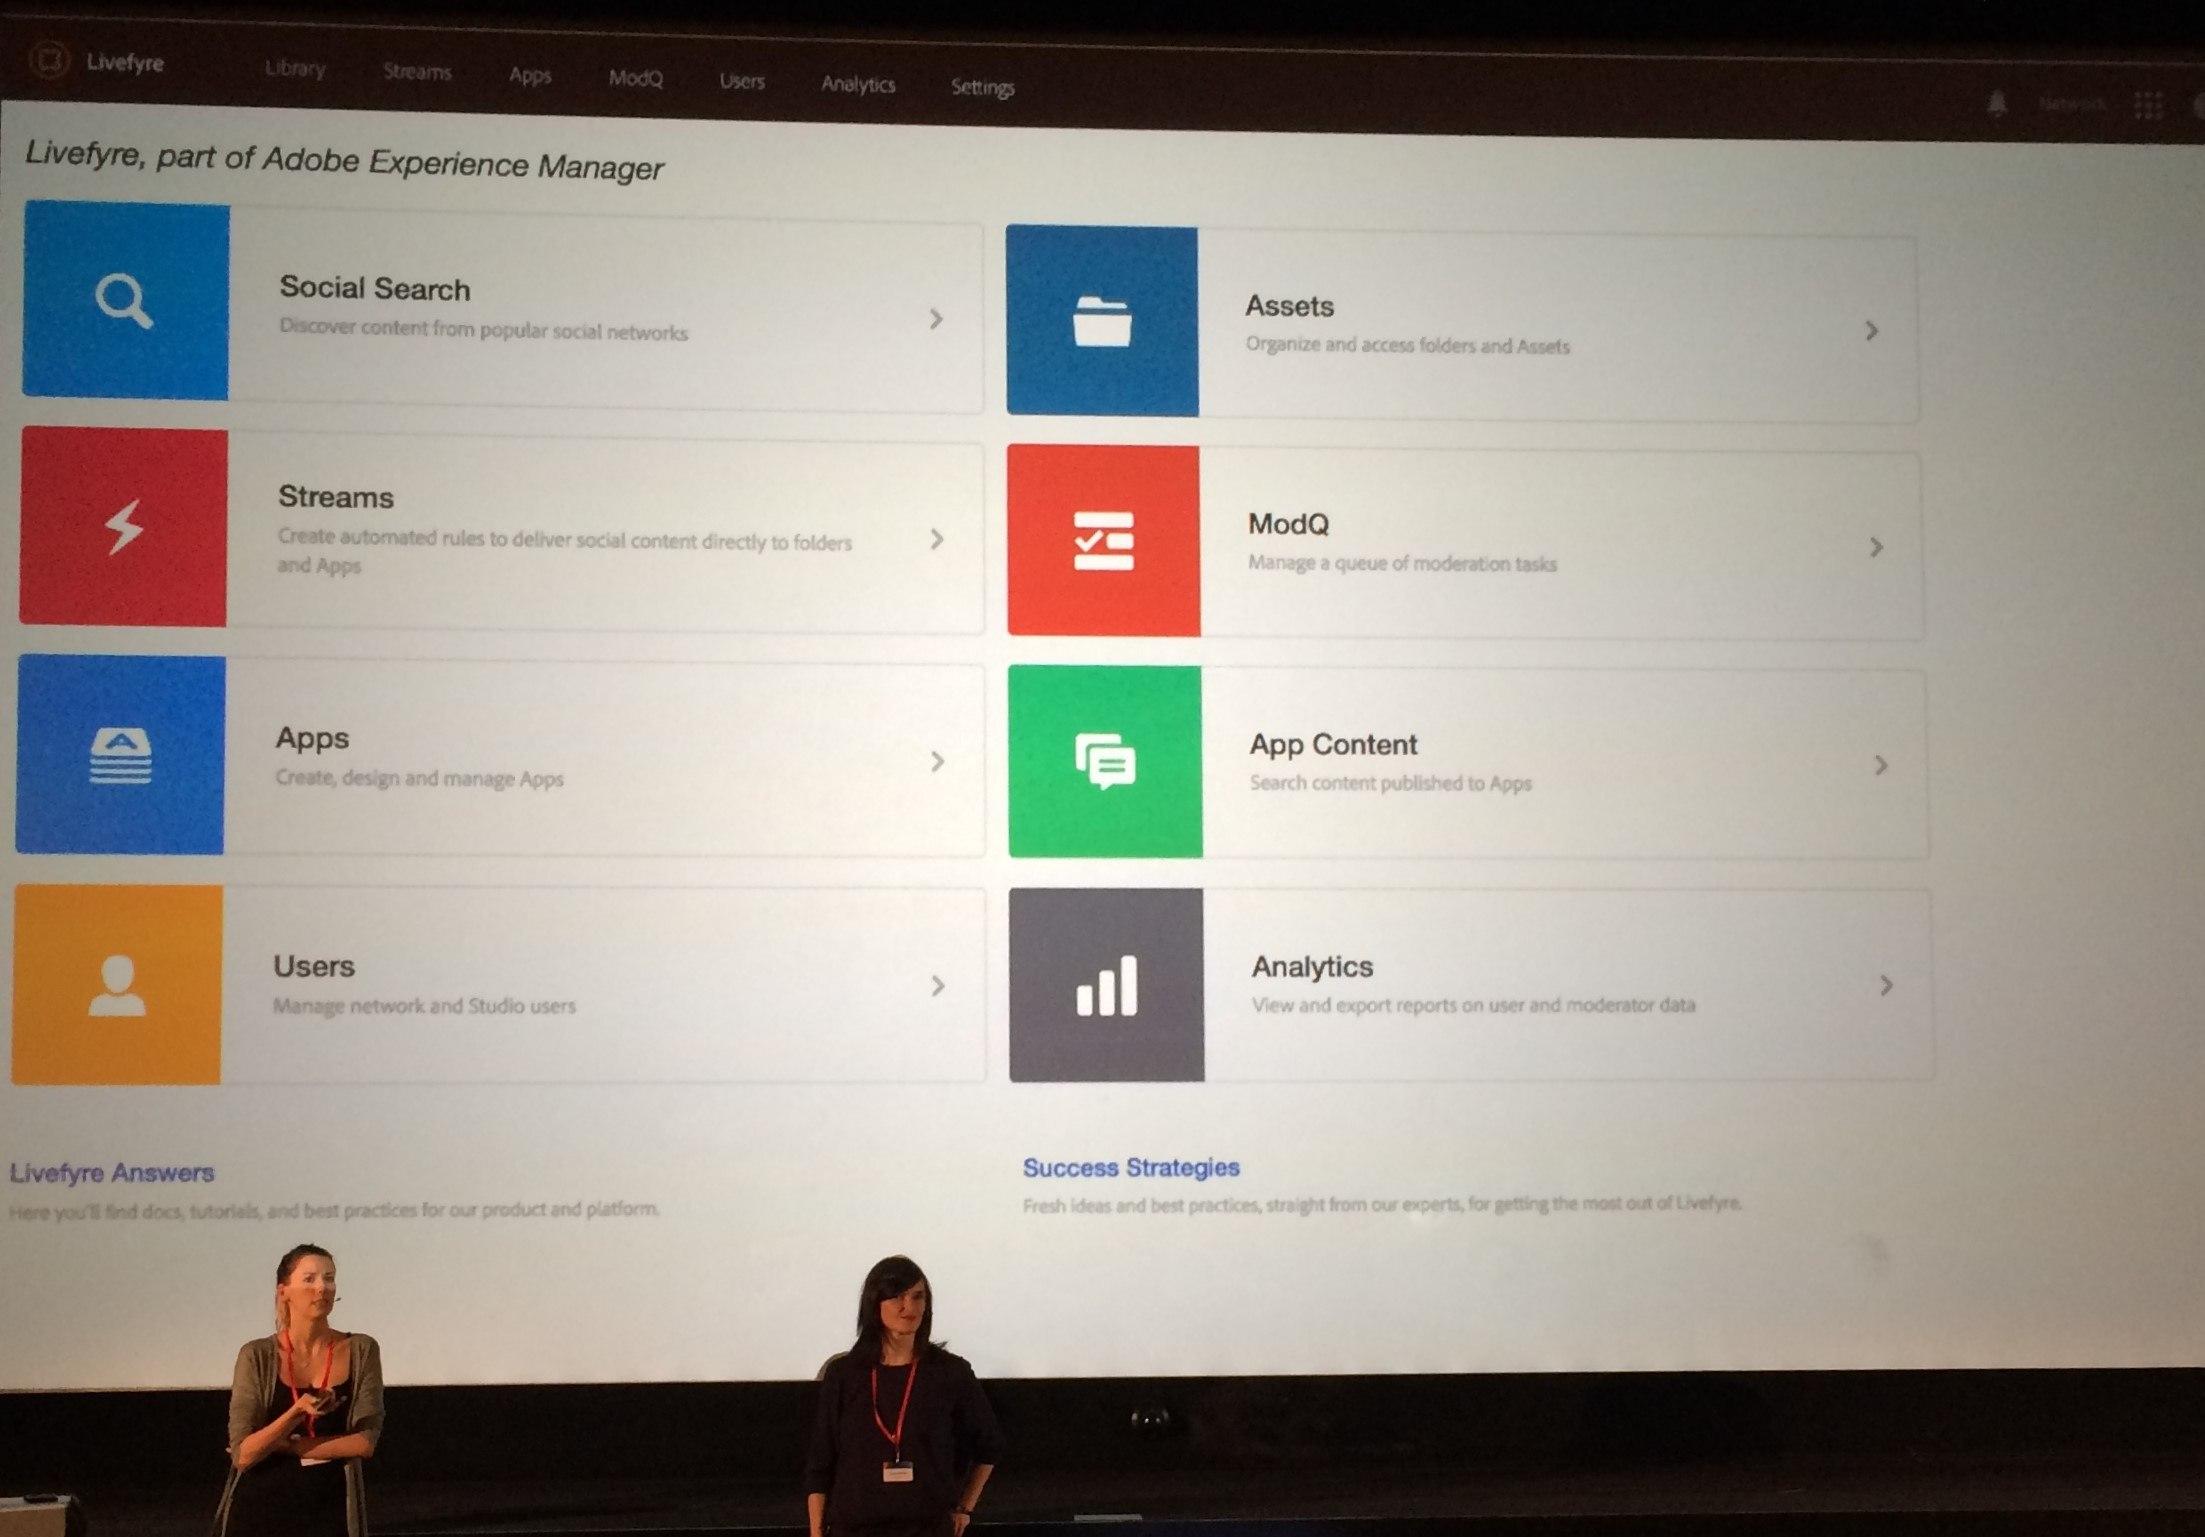 Screenshot von Adobe Livefyre aus dem Adobe Experience Manager